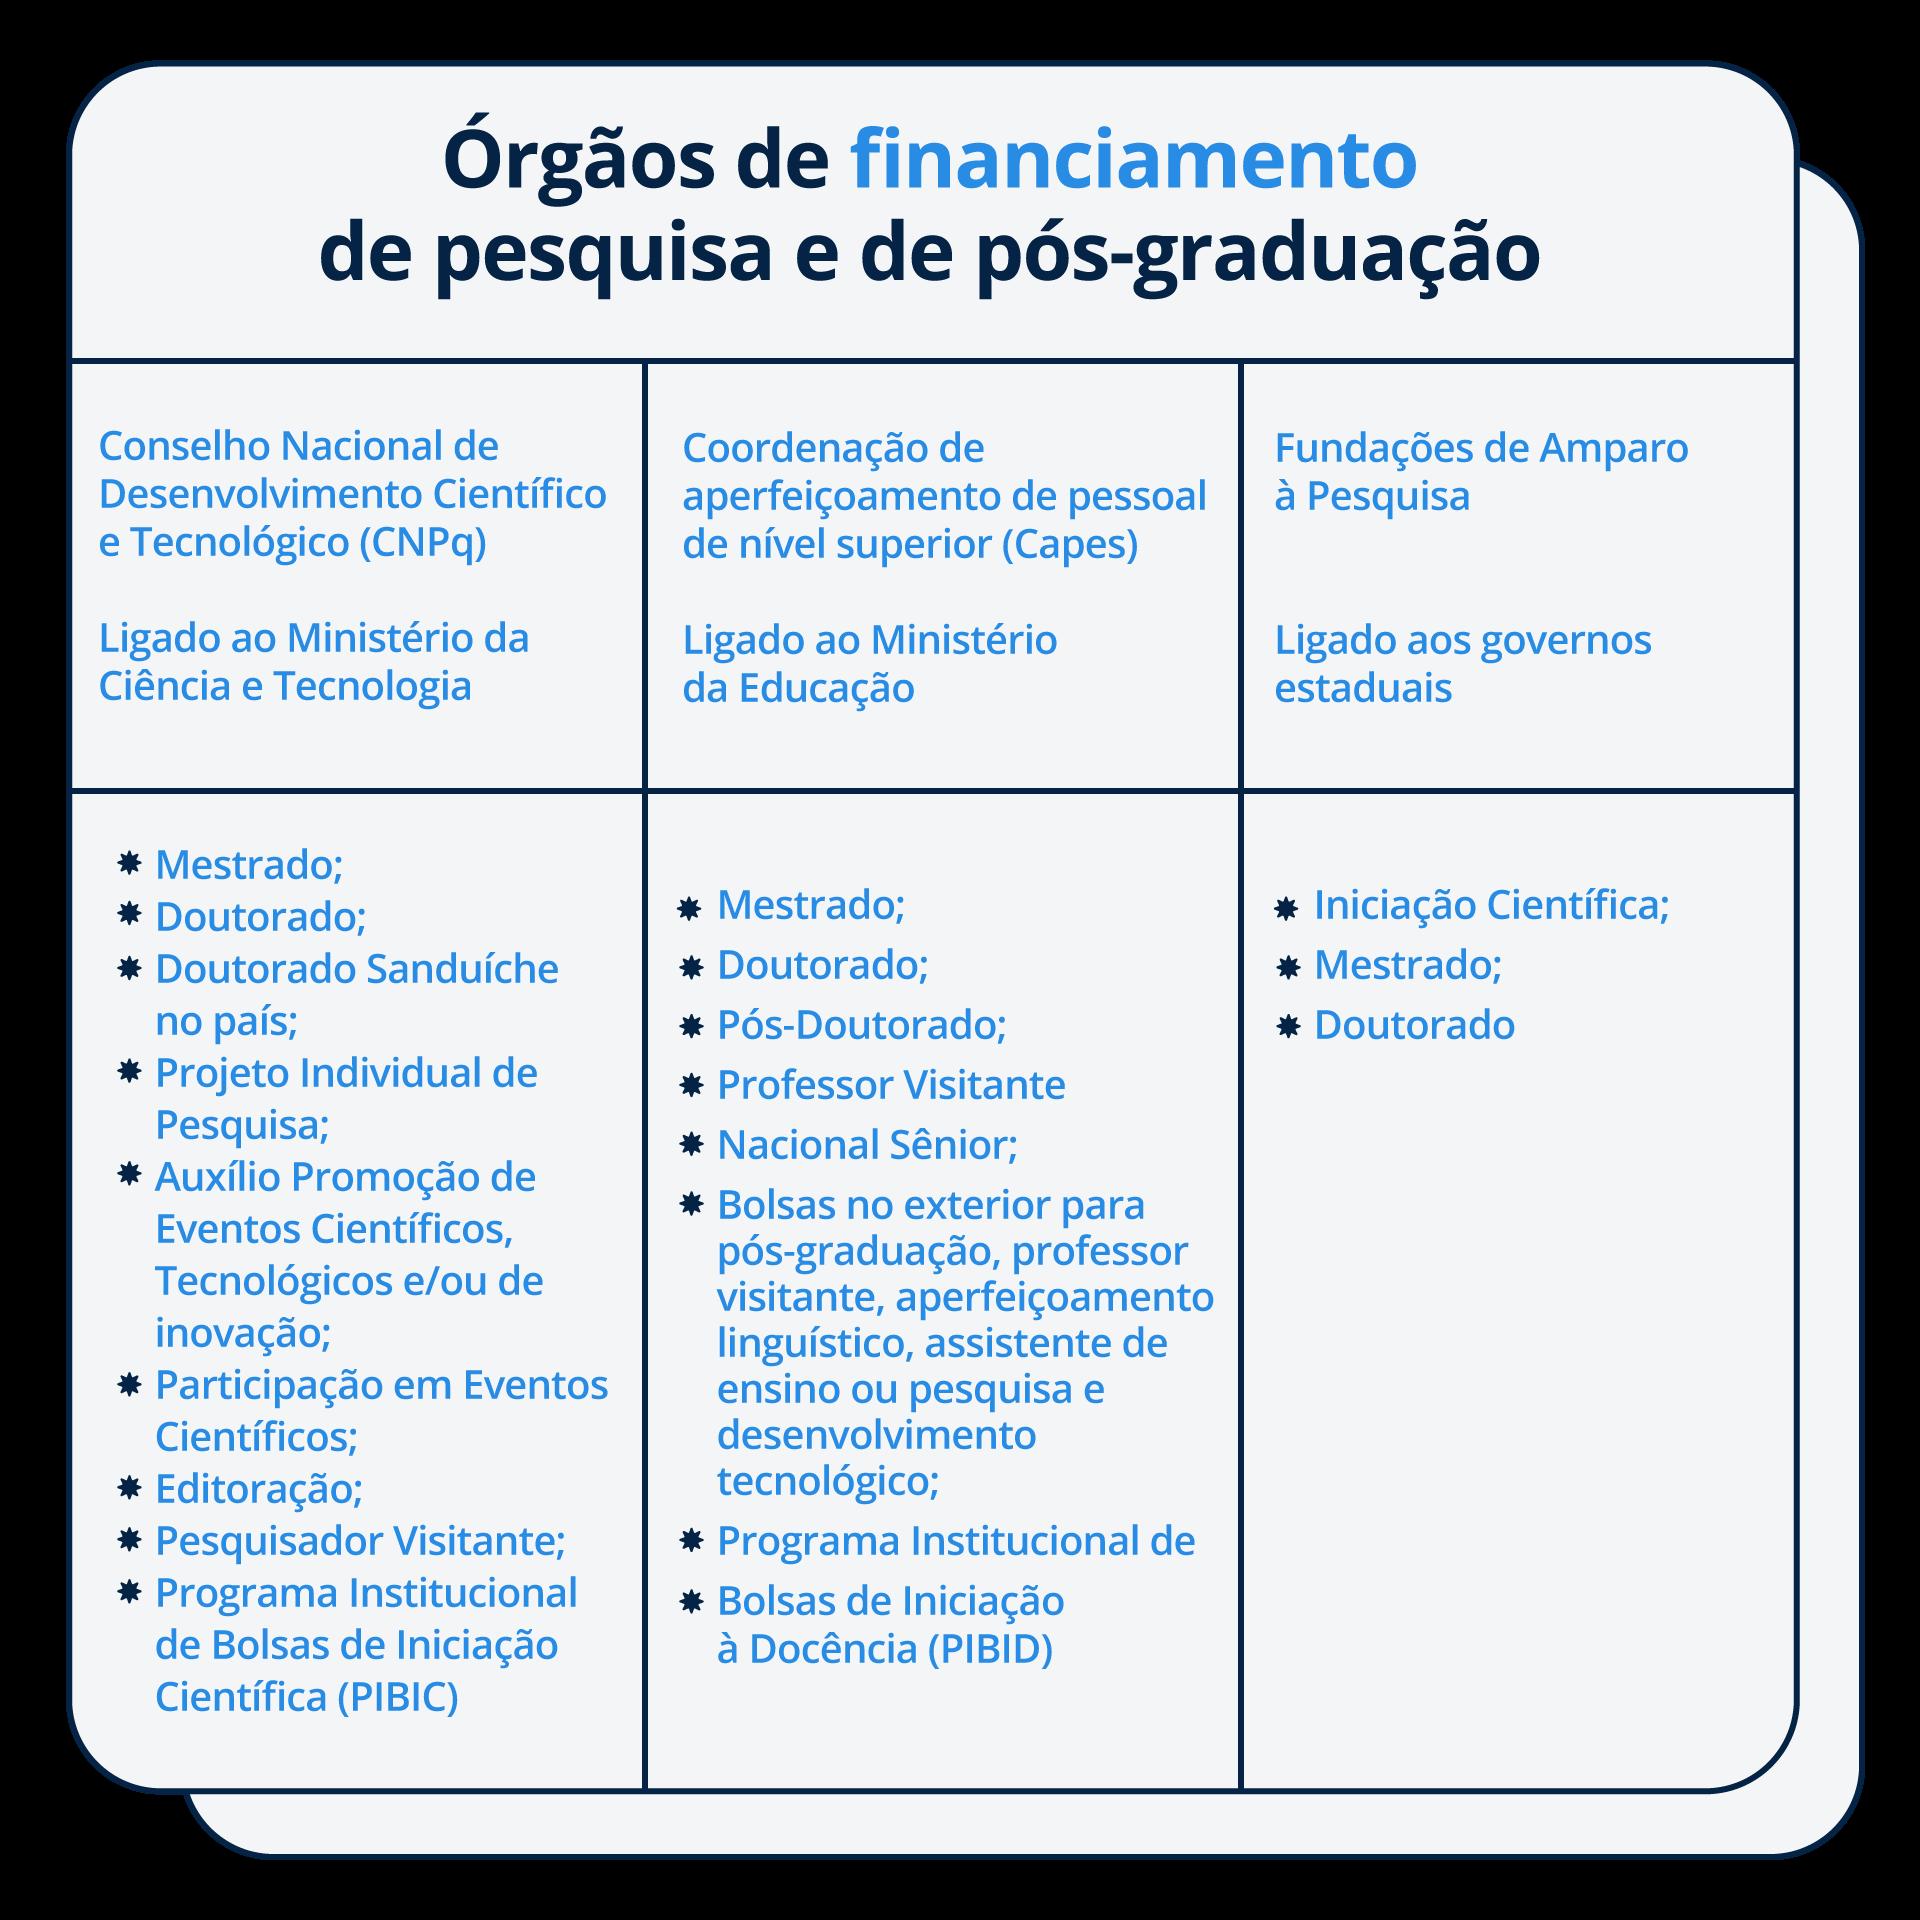 Órgãos de financiamento de pesquisa e de pós-graduação